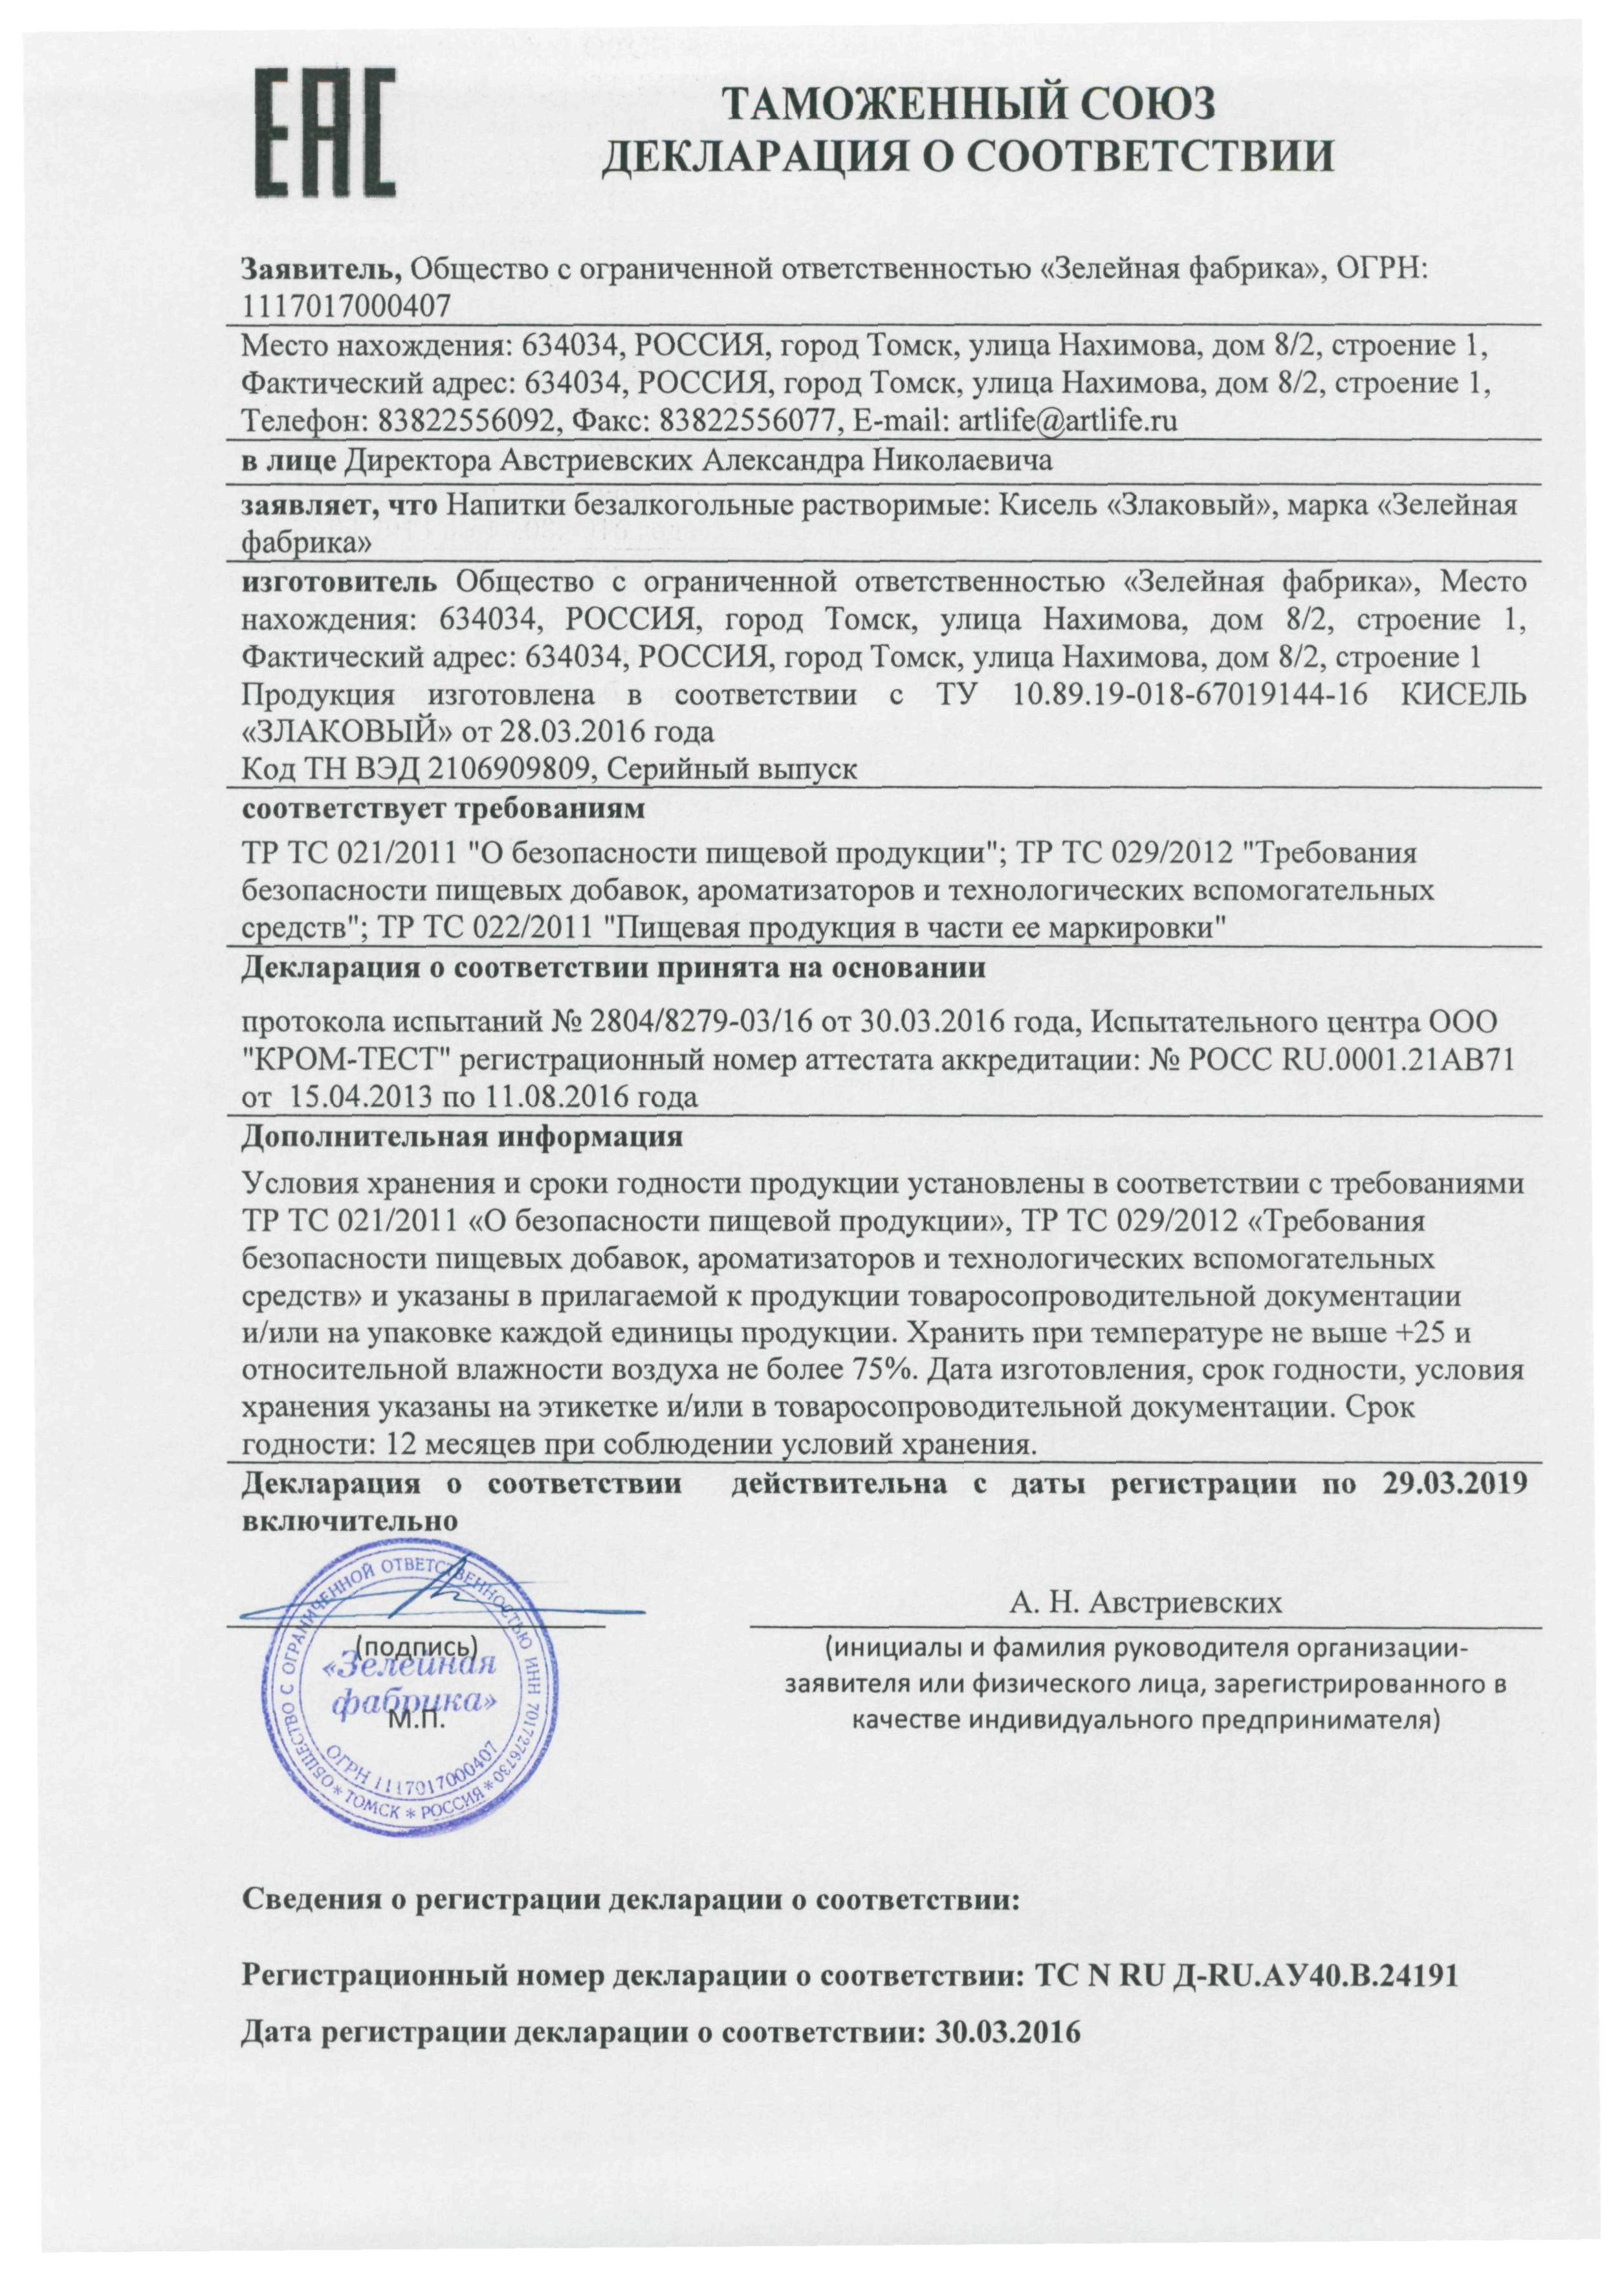 kisel_zlakovyy_ds.jpg